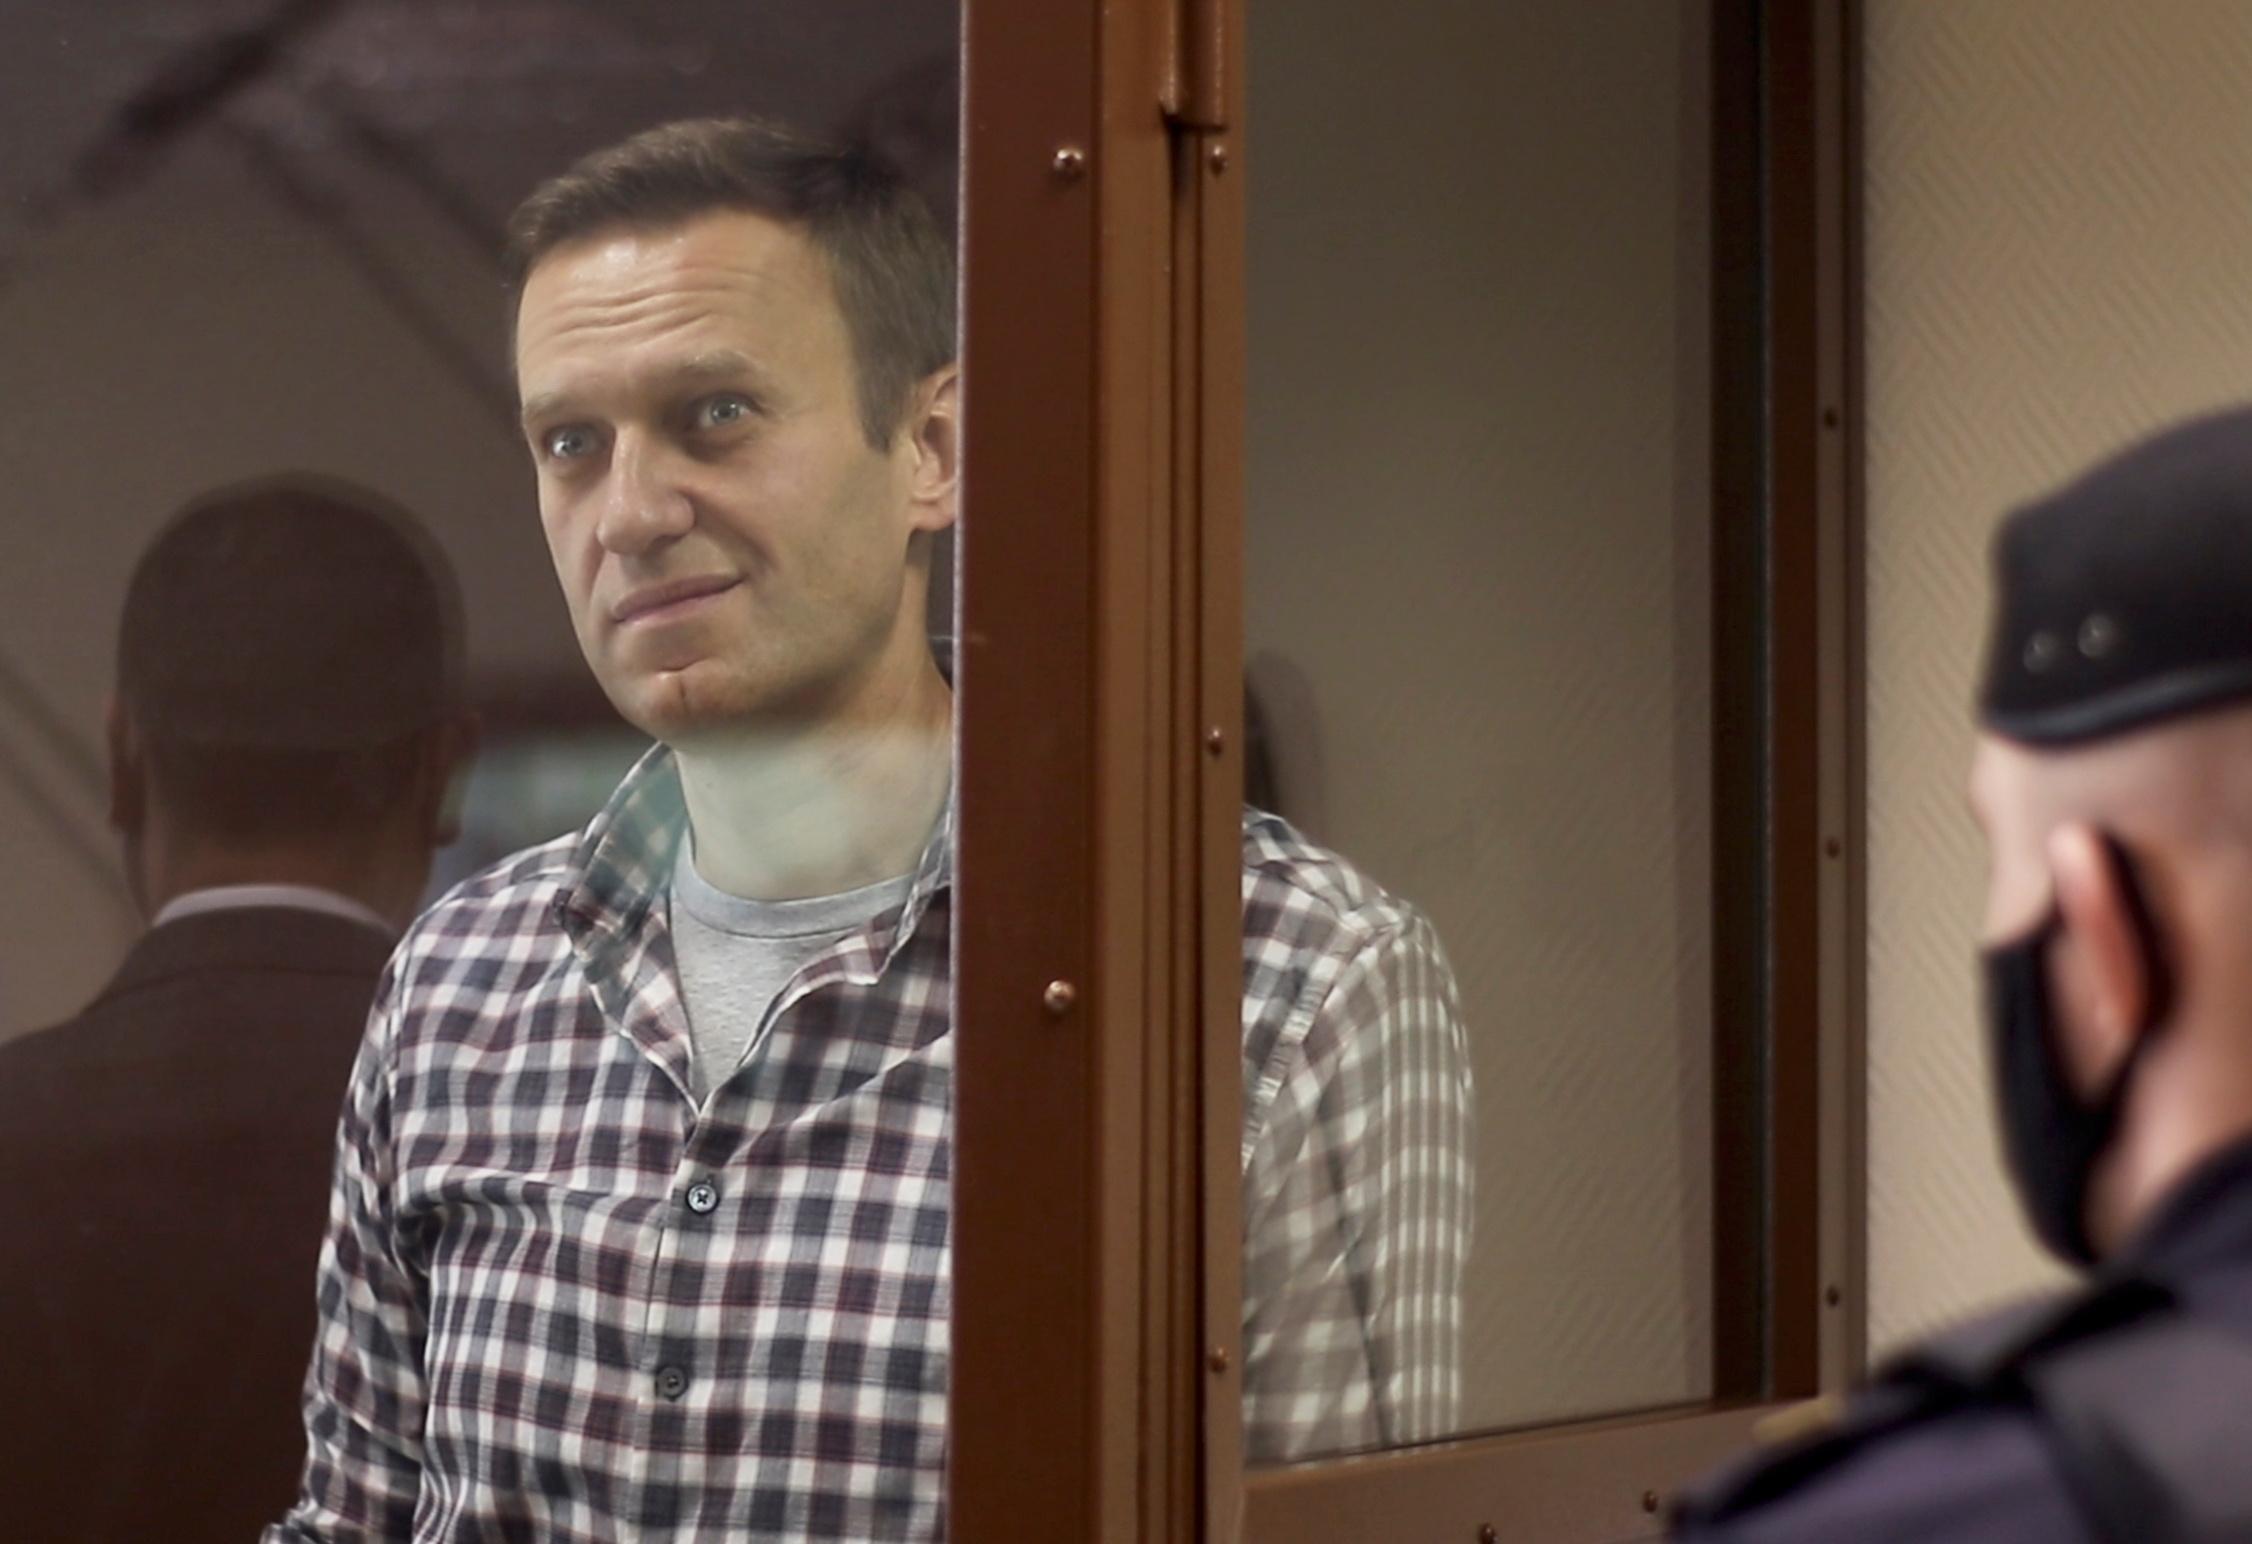 Ναβάλνι: Η Ρωσία κήρυξε εξτρεμιστικές τις οργανώσεις του